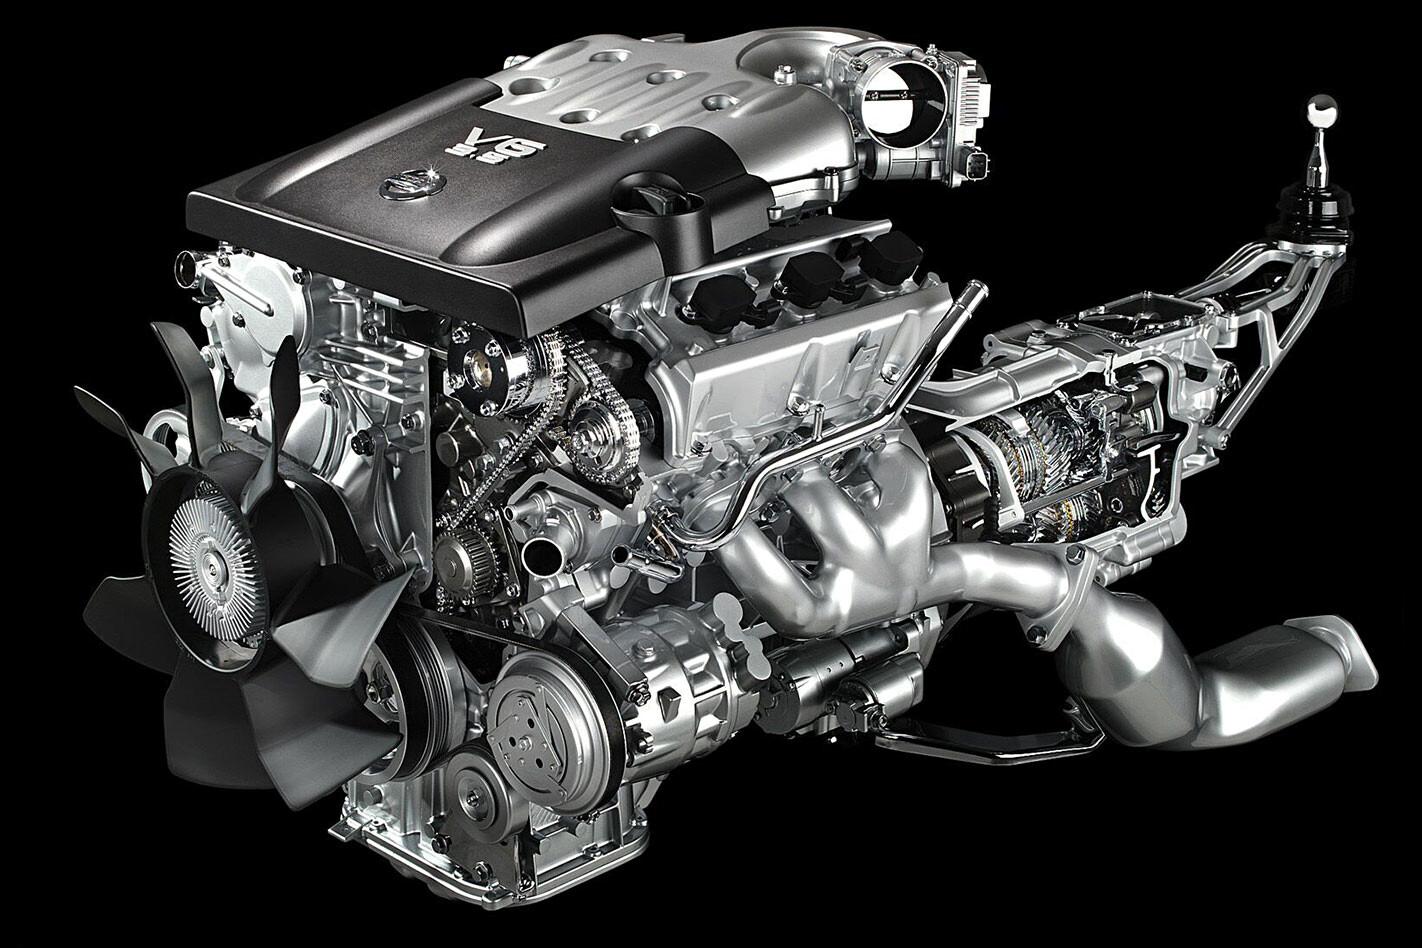 Nissan V6 engine